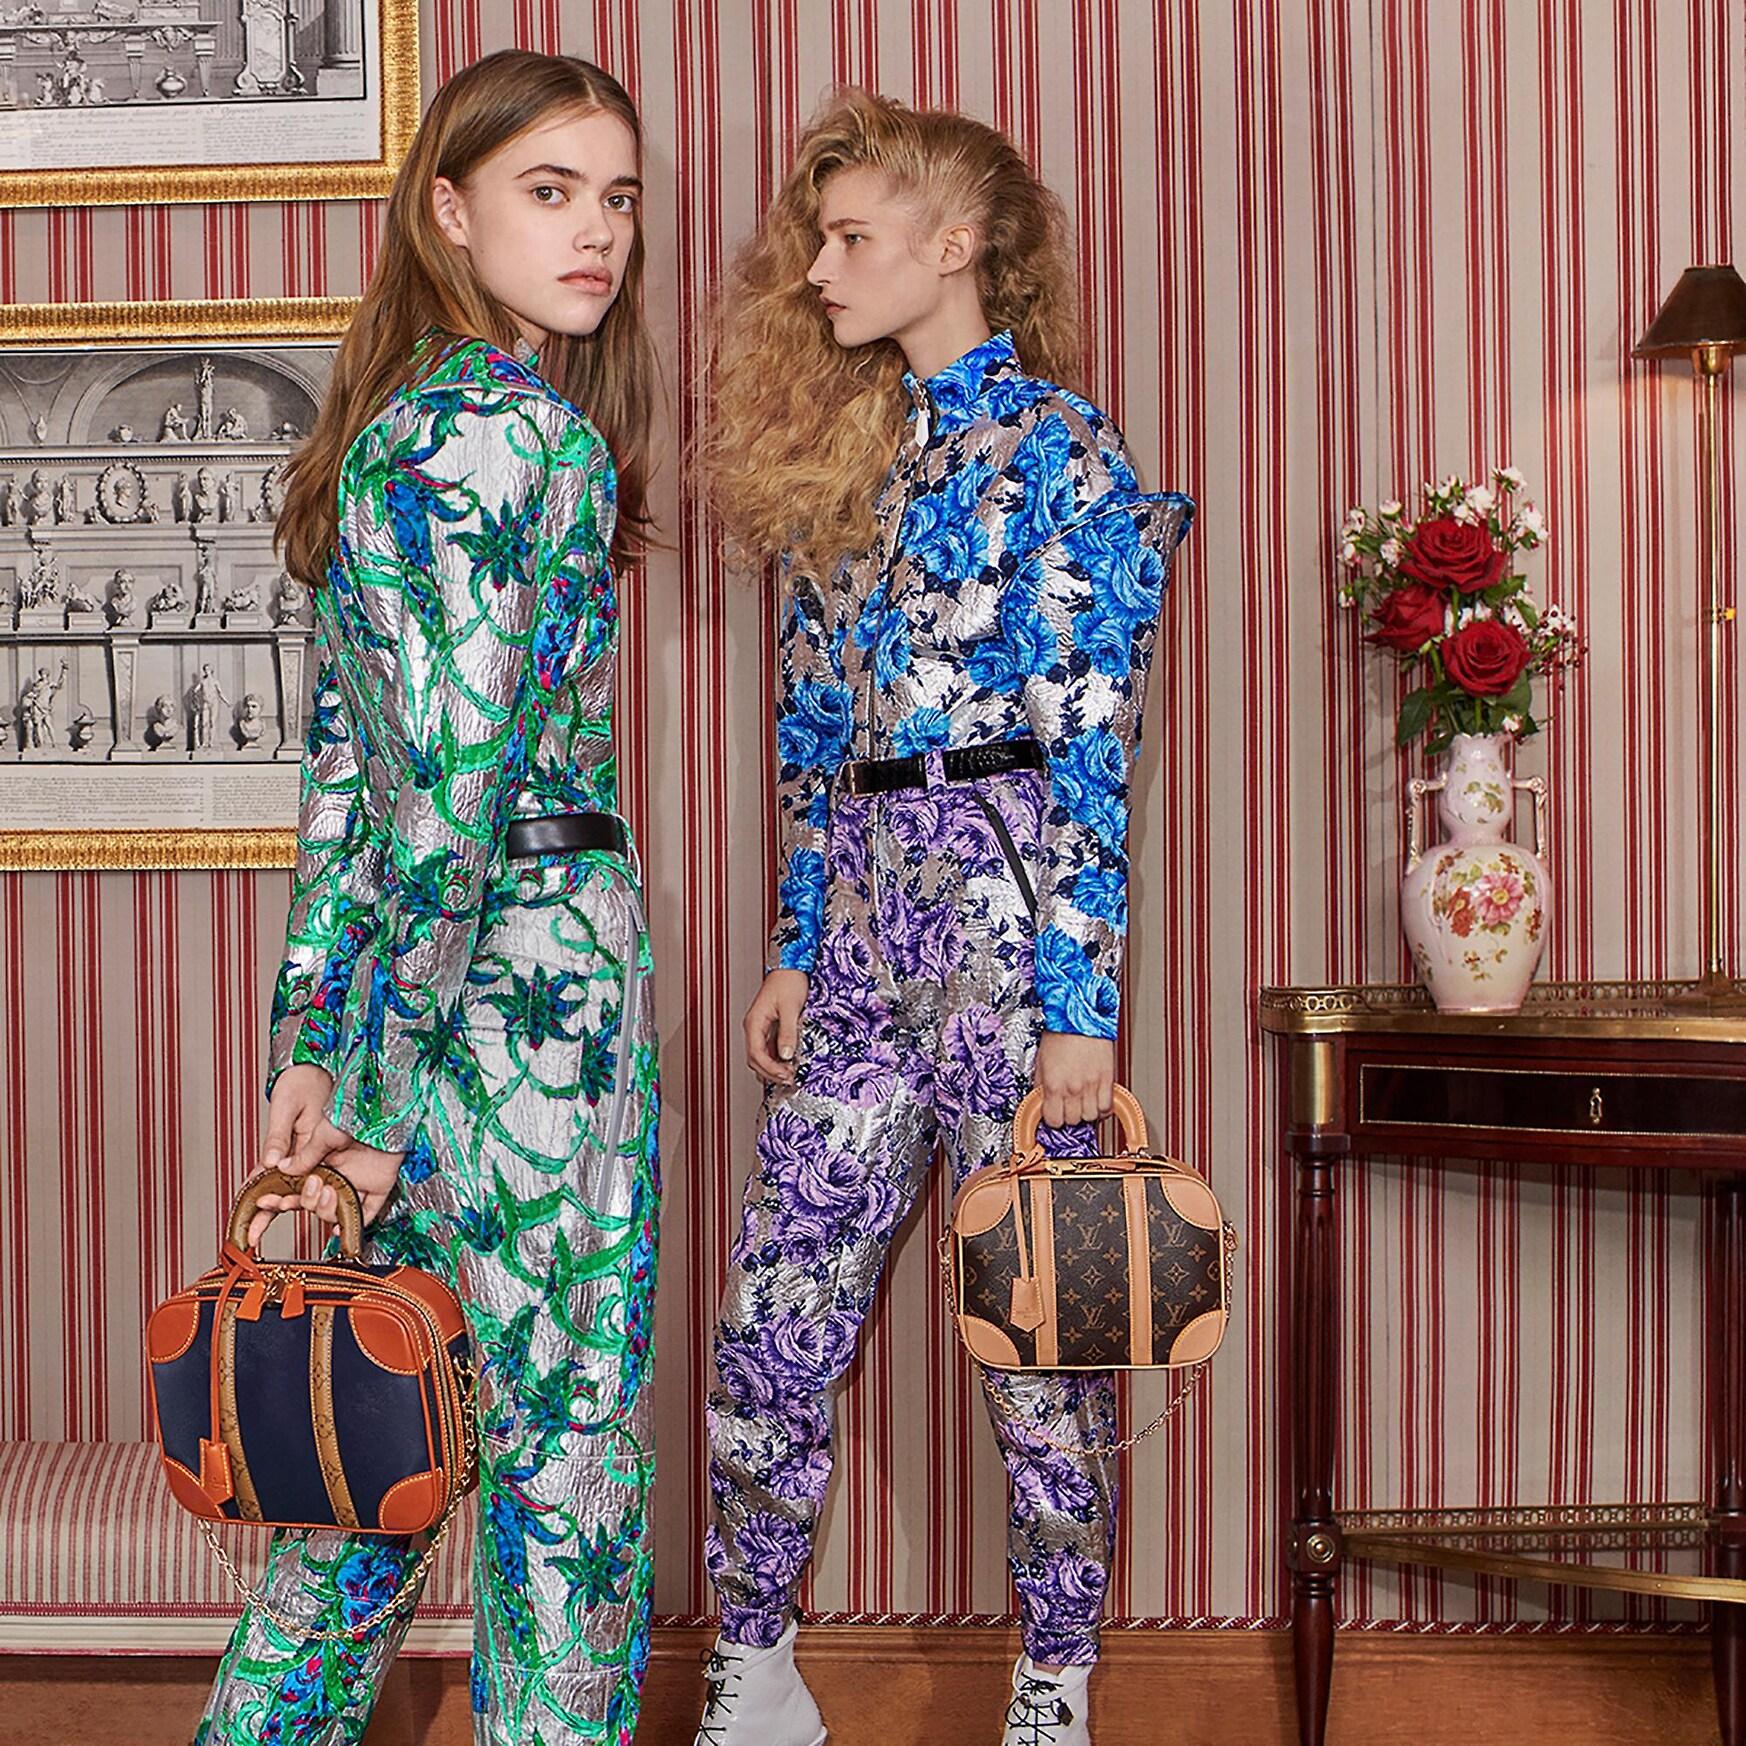 """Tại show diễn Xuân Hè 2019, nhà Louis Vuitton đã ra mắt tới giới mộ điệu thiết kế túi mới mang tên """"Mini Luggage""""."""